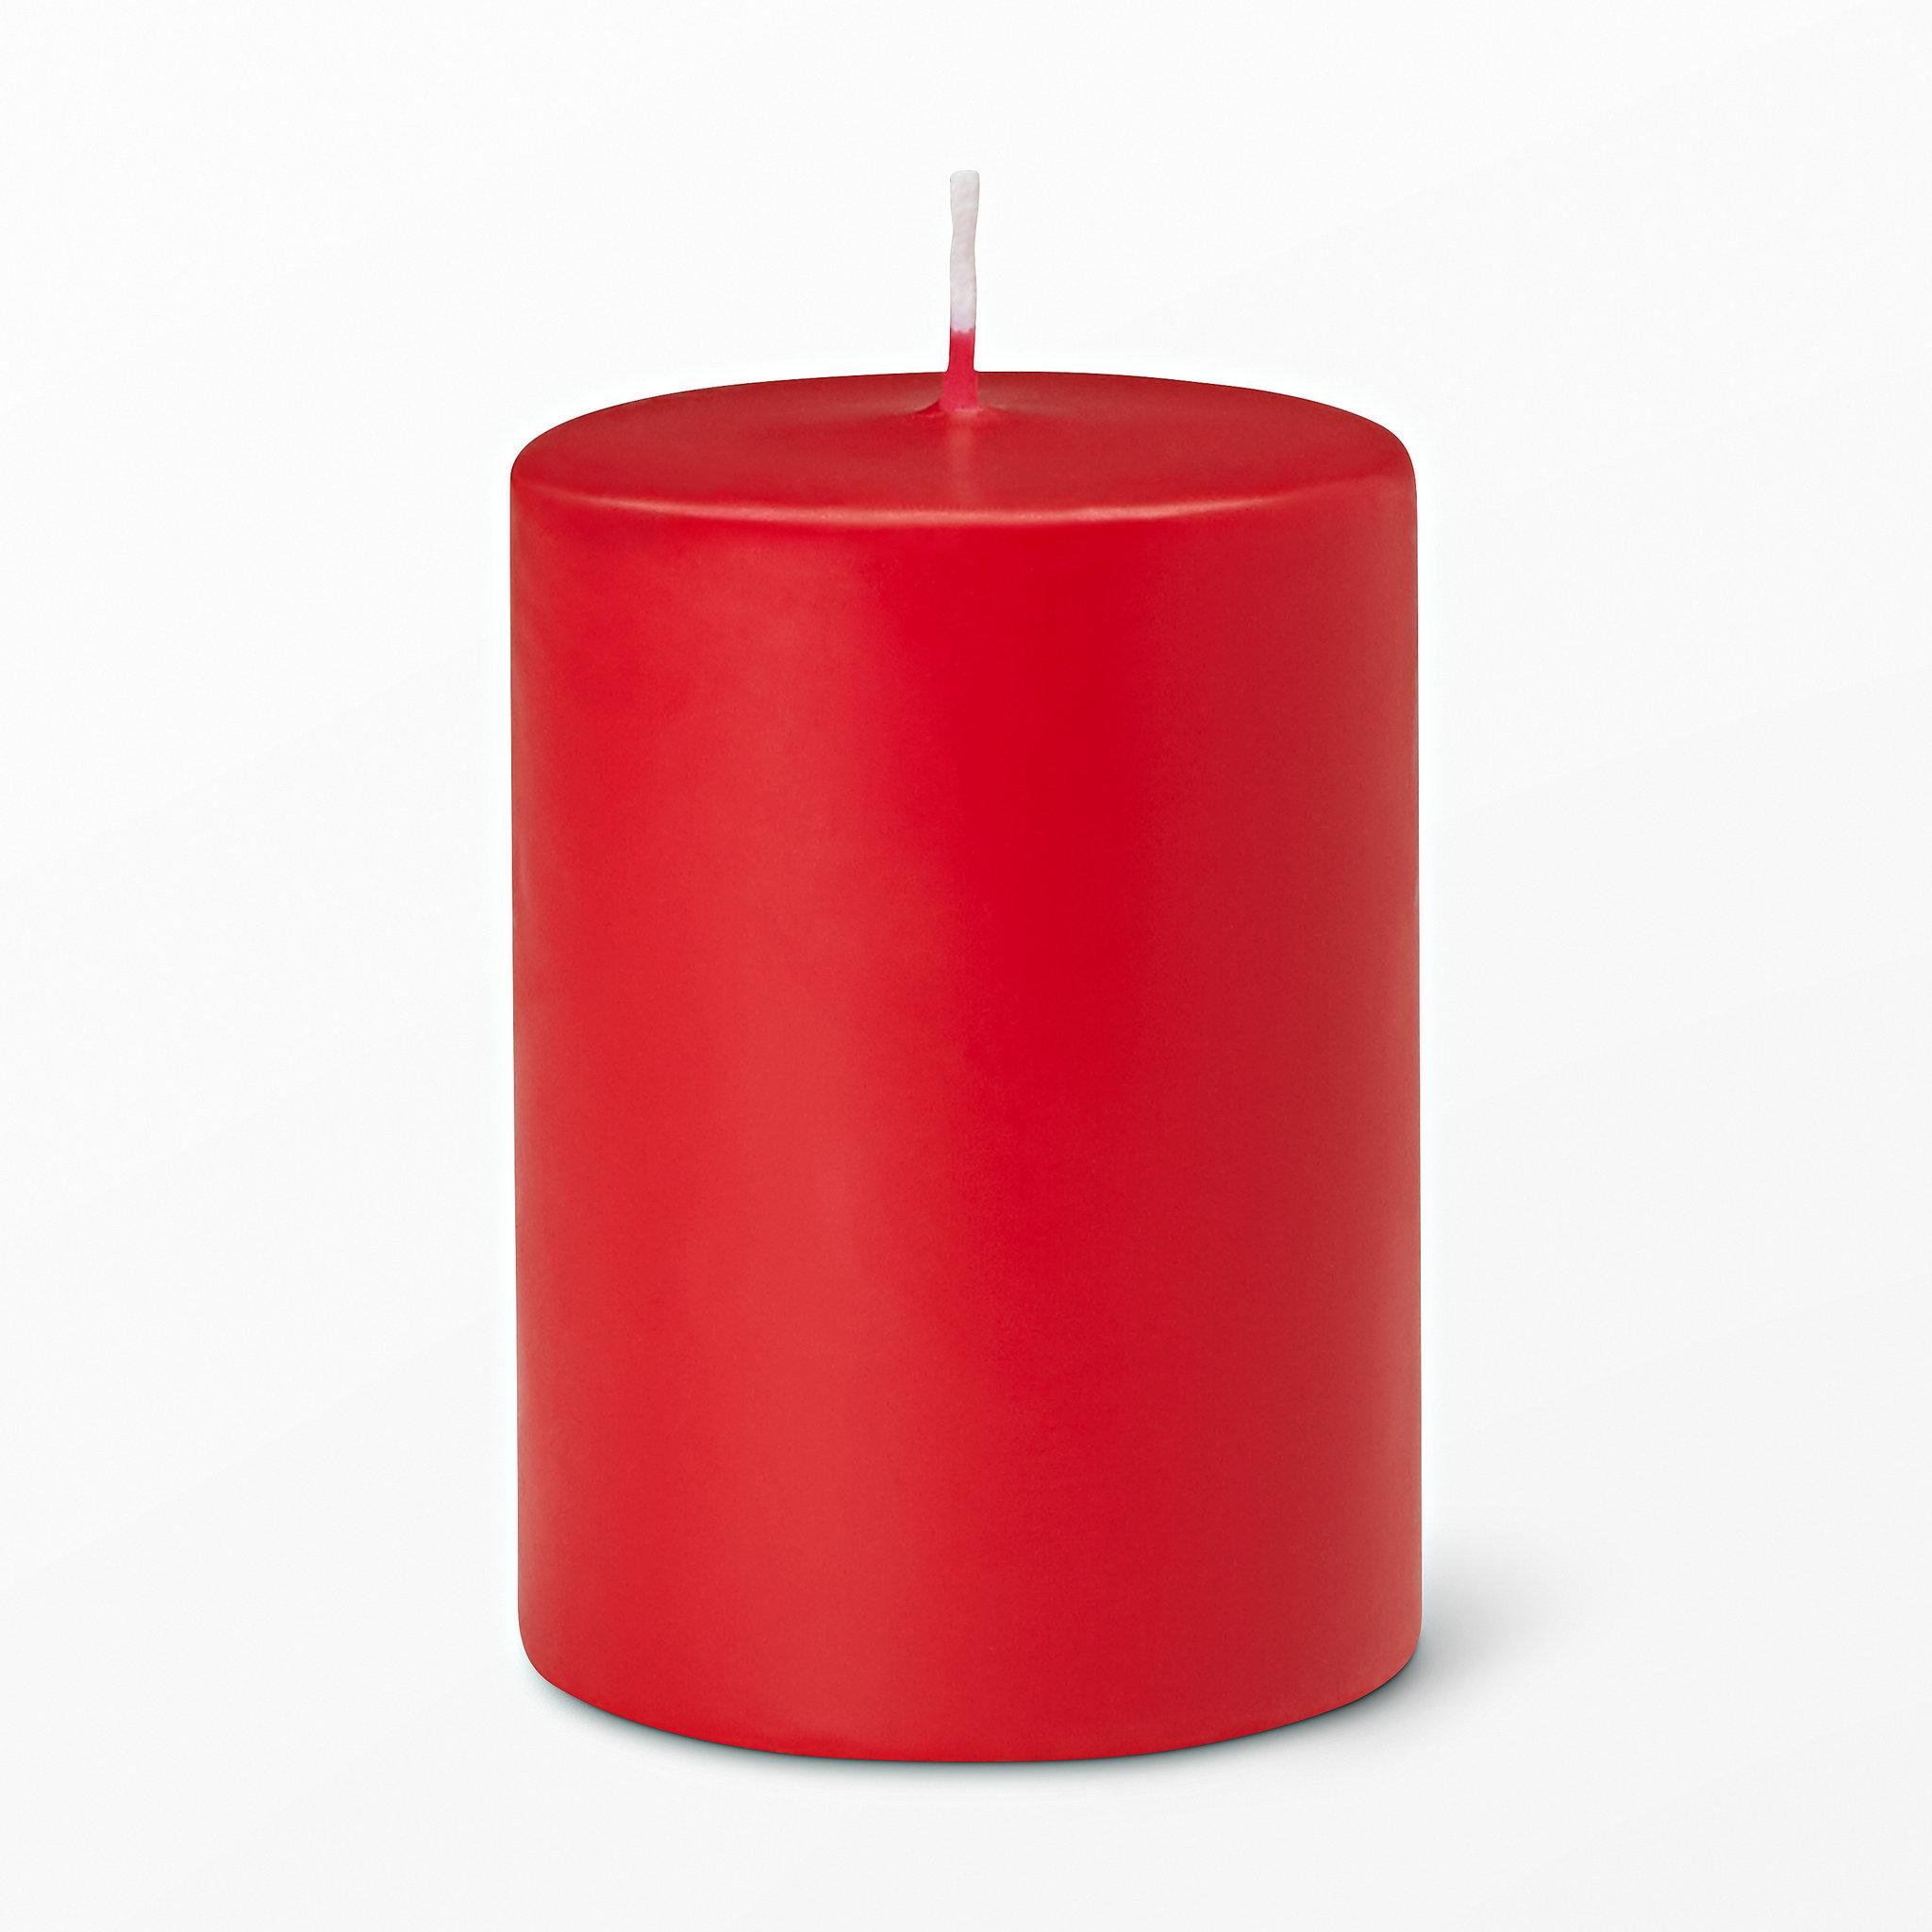 Ljus   dekoration   köp online på åhlens.se!